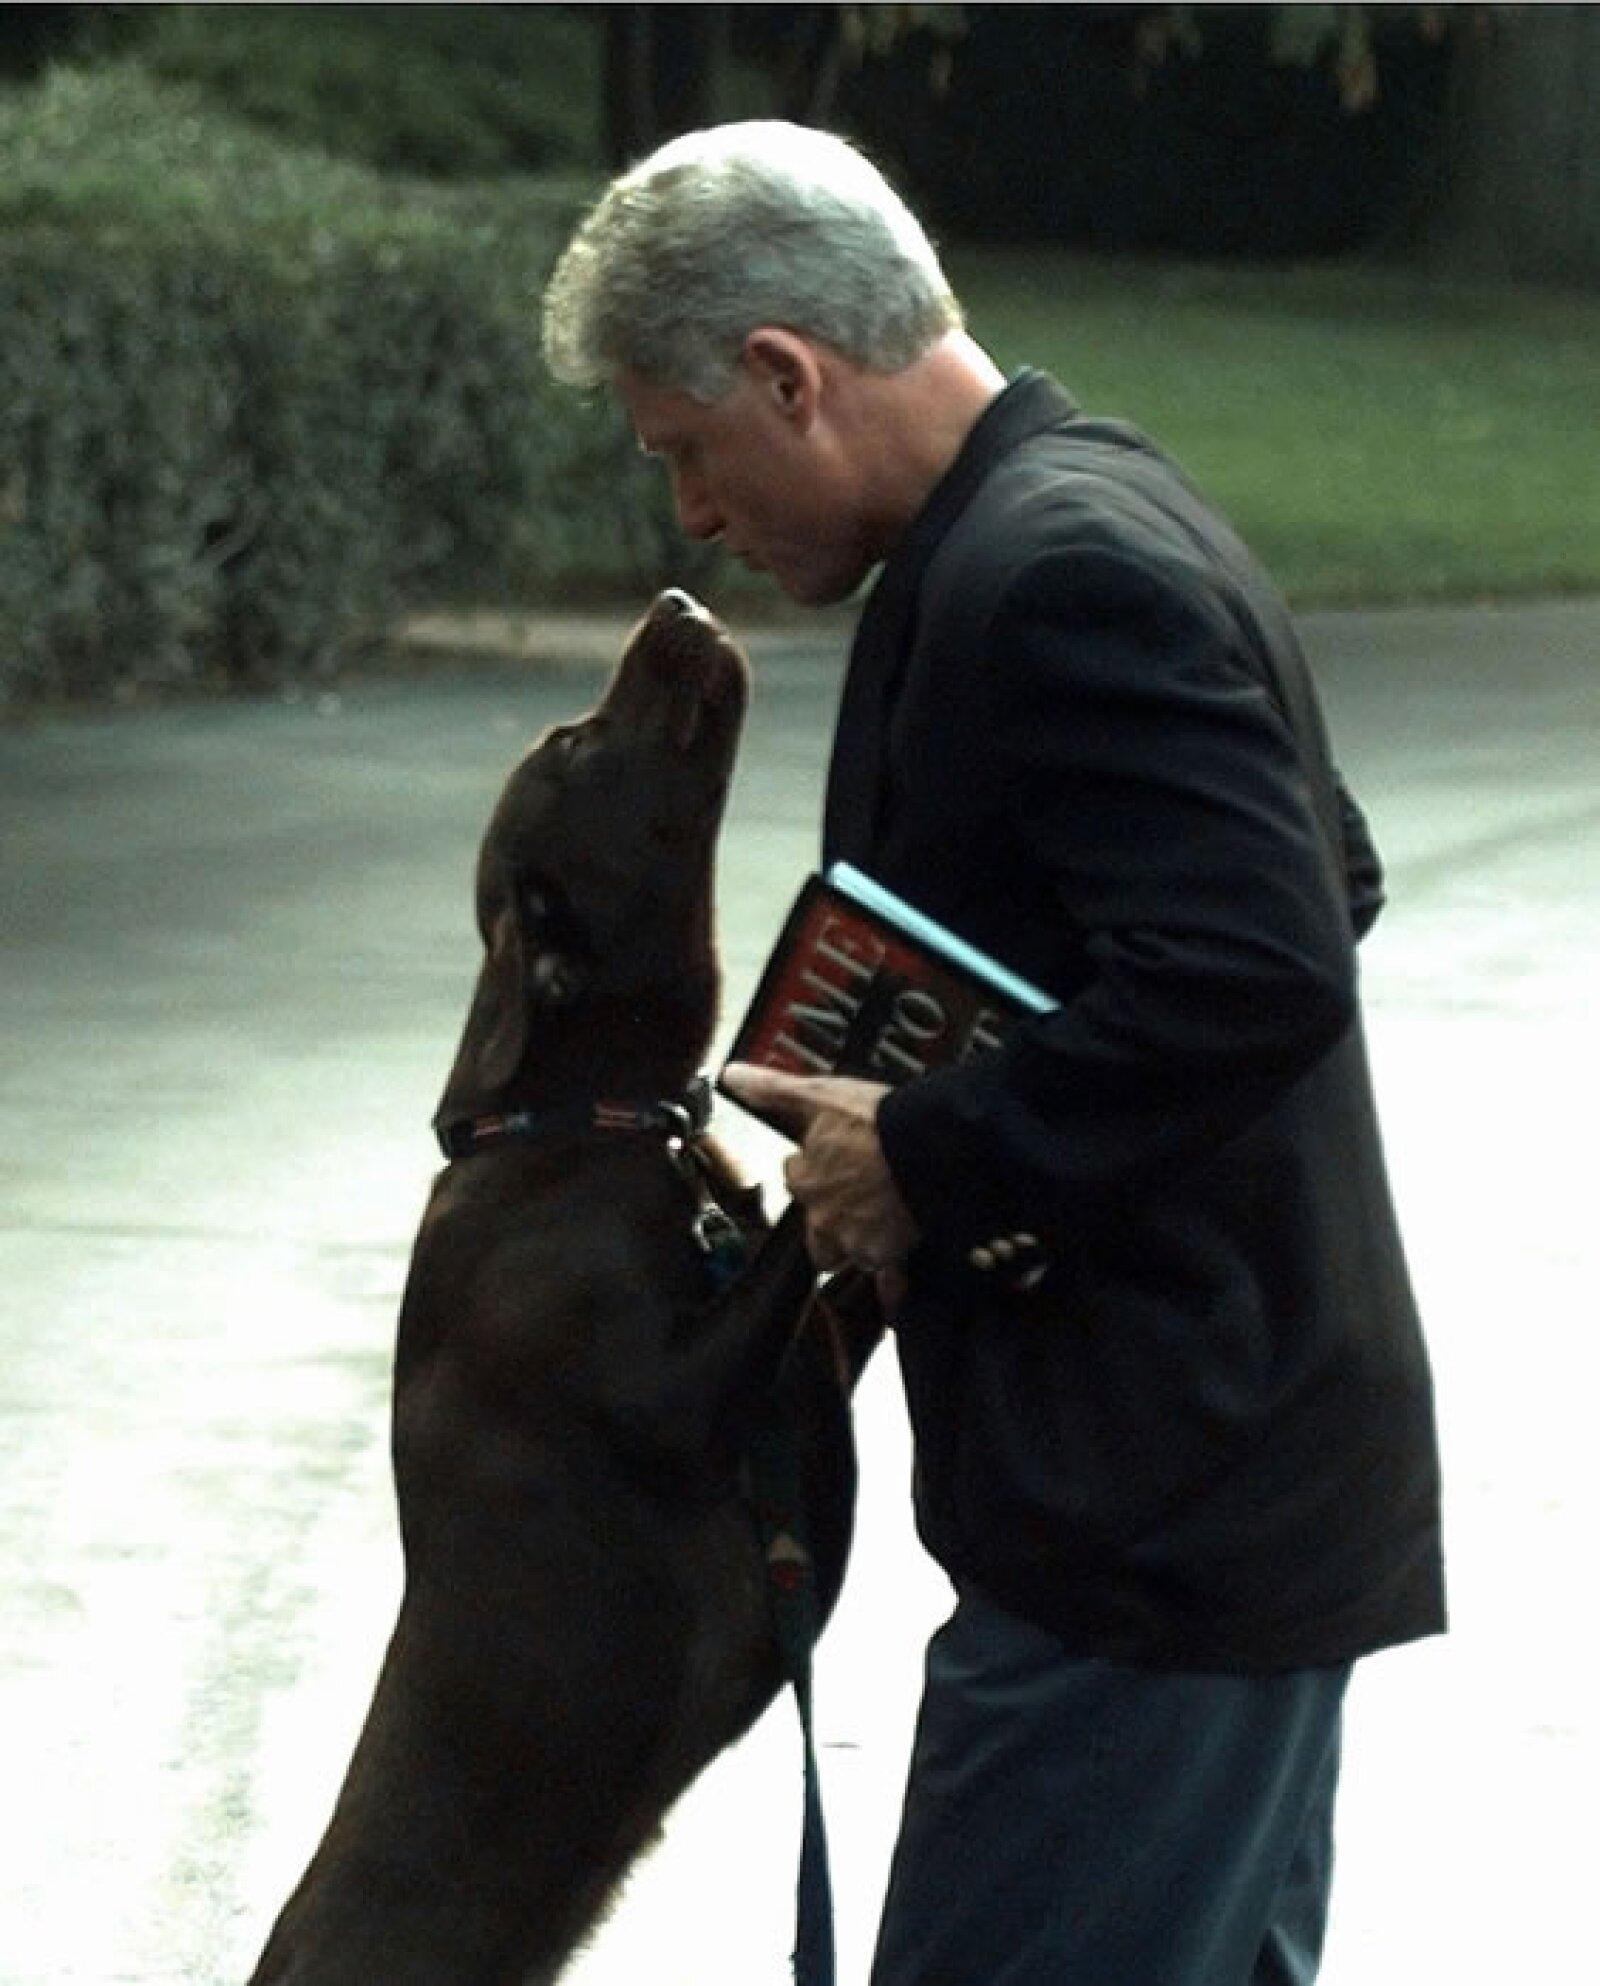 El expresidente de Estados Unidos adoraba a su perro, pero la historia no tuvo un final feliz. En 2002, Buddy fue atropellado frente a la casa de los Clinton en Westchester County, Nueva York.